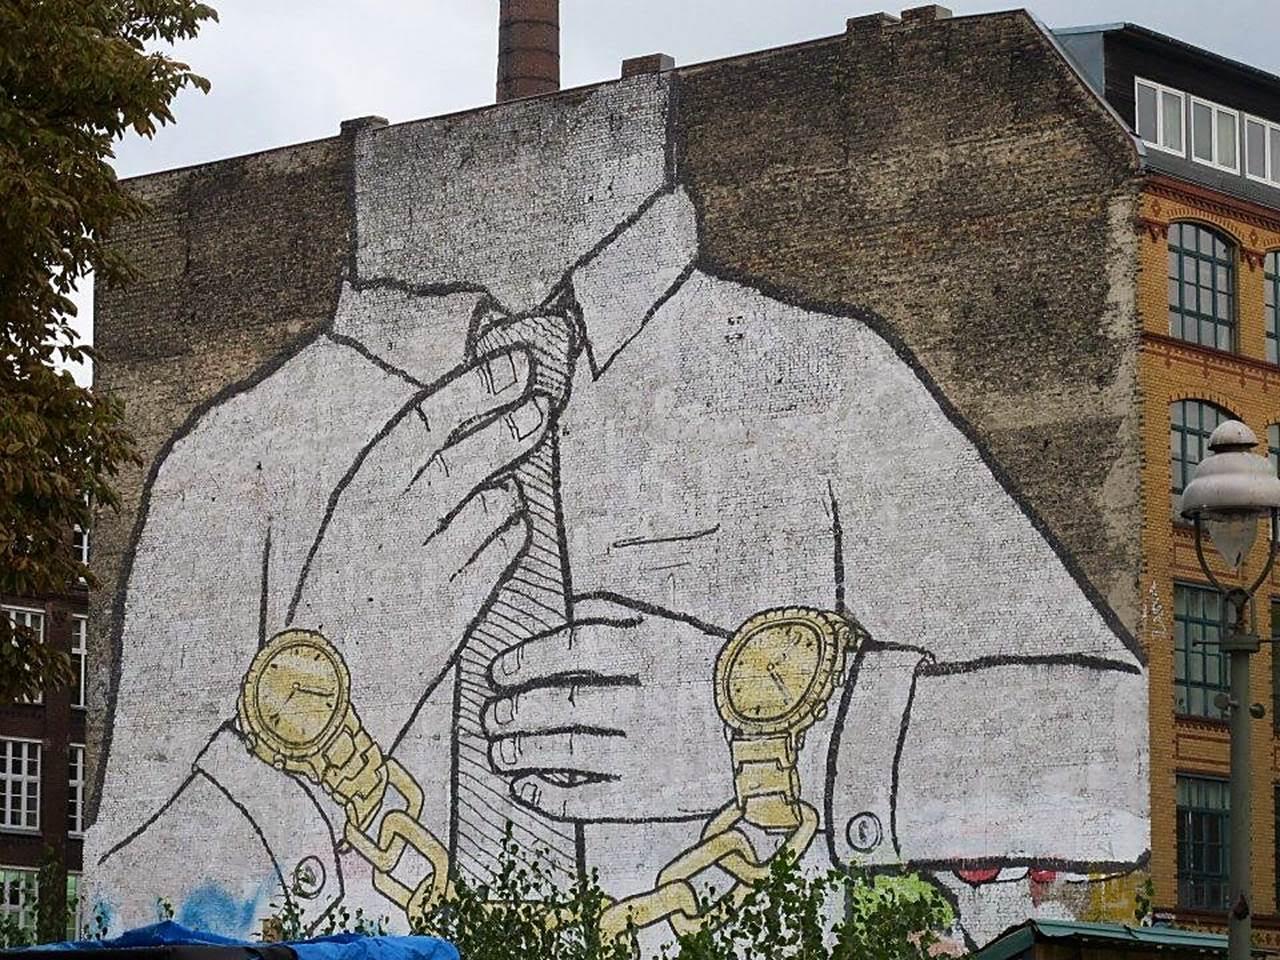 Nur Emiroğlu'nun Berlin'in Türklerin yoğun şekilde yaşadığı Kreuzberg semtinde, 2014 yılında çektiği fotoğrafı sizlerle paylaşıyoruz.